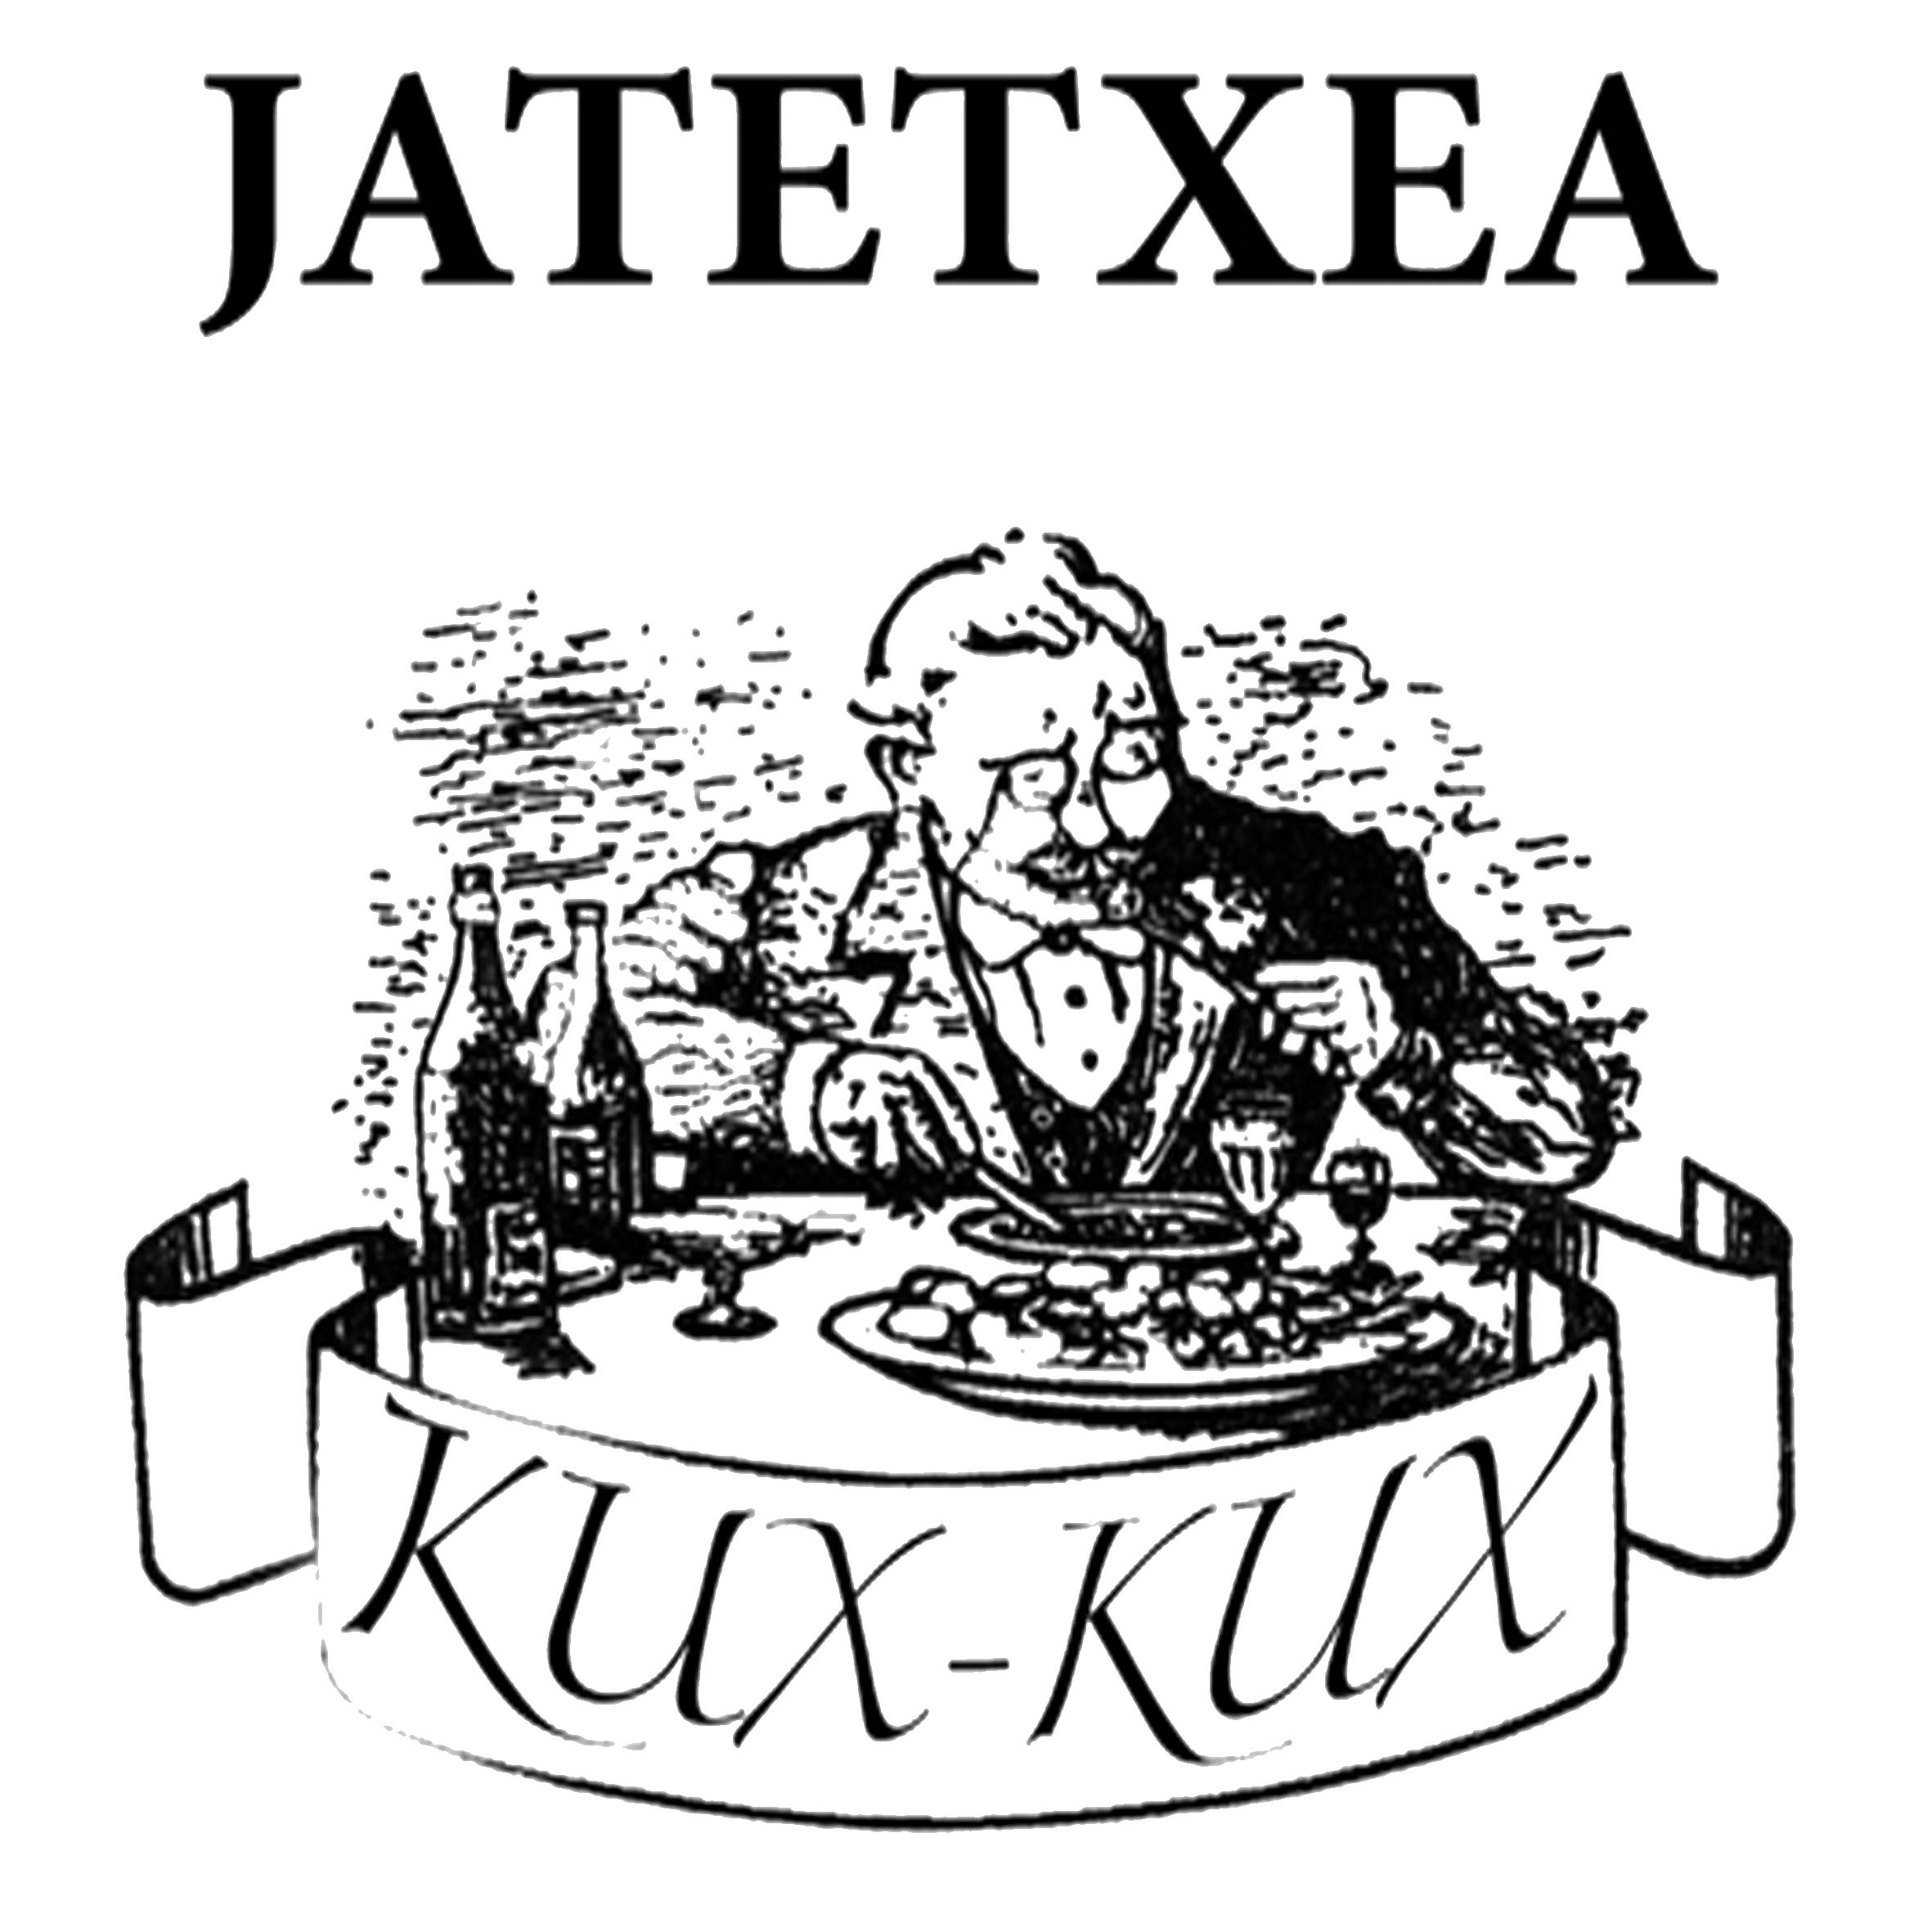 Logo kux kux jatetxea